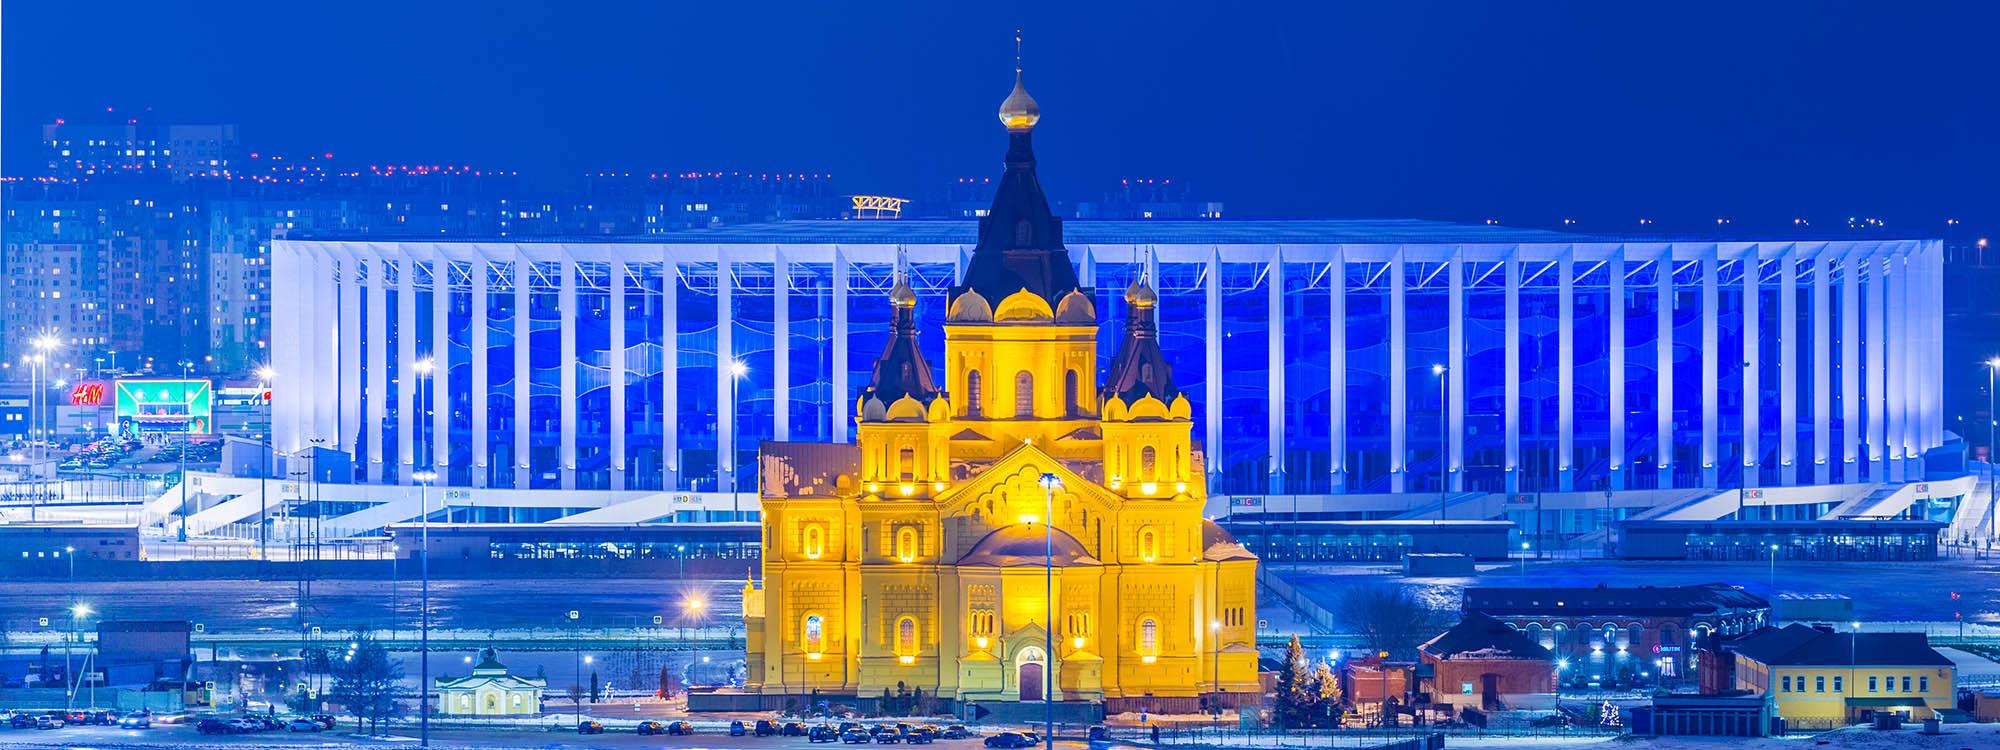 Кафедральный собор в честь святого благоверного князя Александра Невского